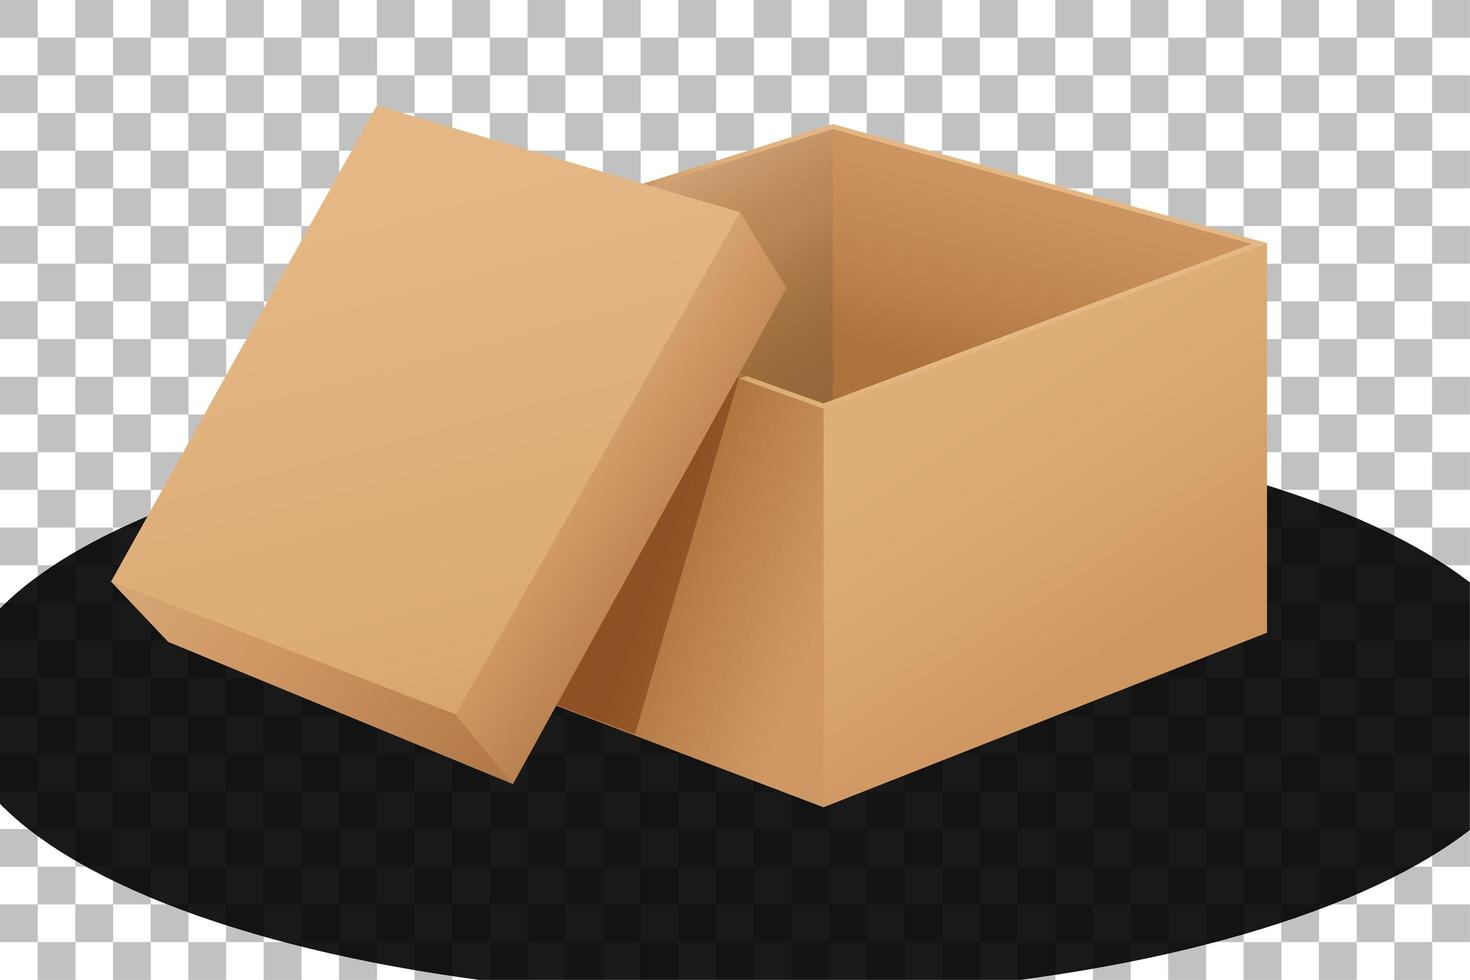 kartonnen doos geopend geïsoleerd vector